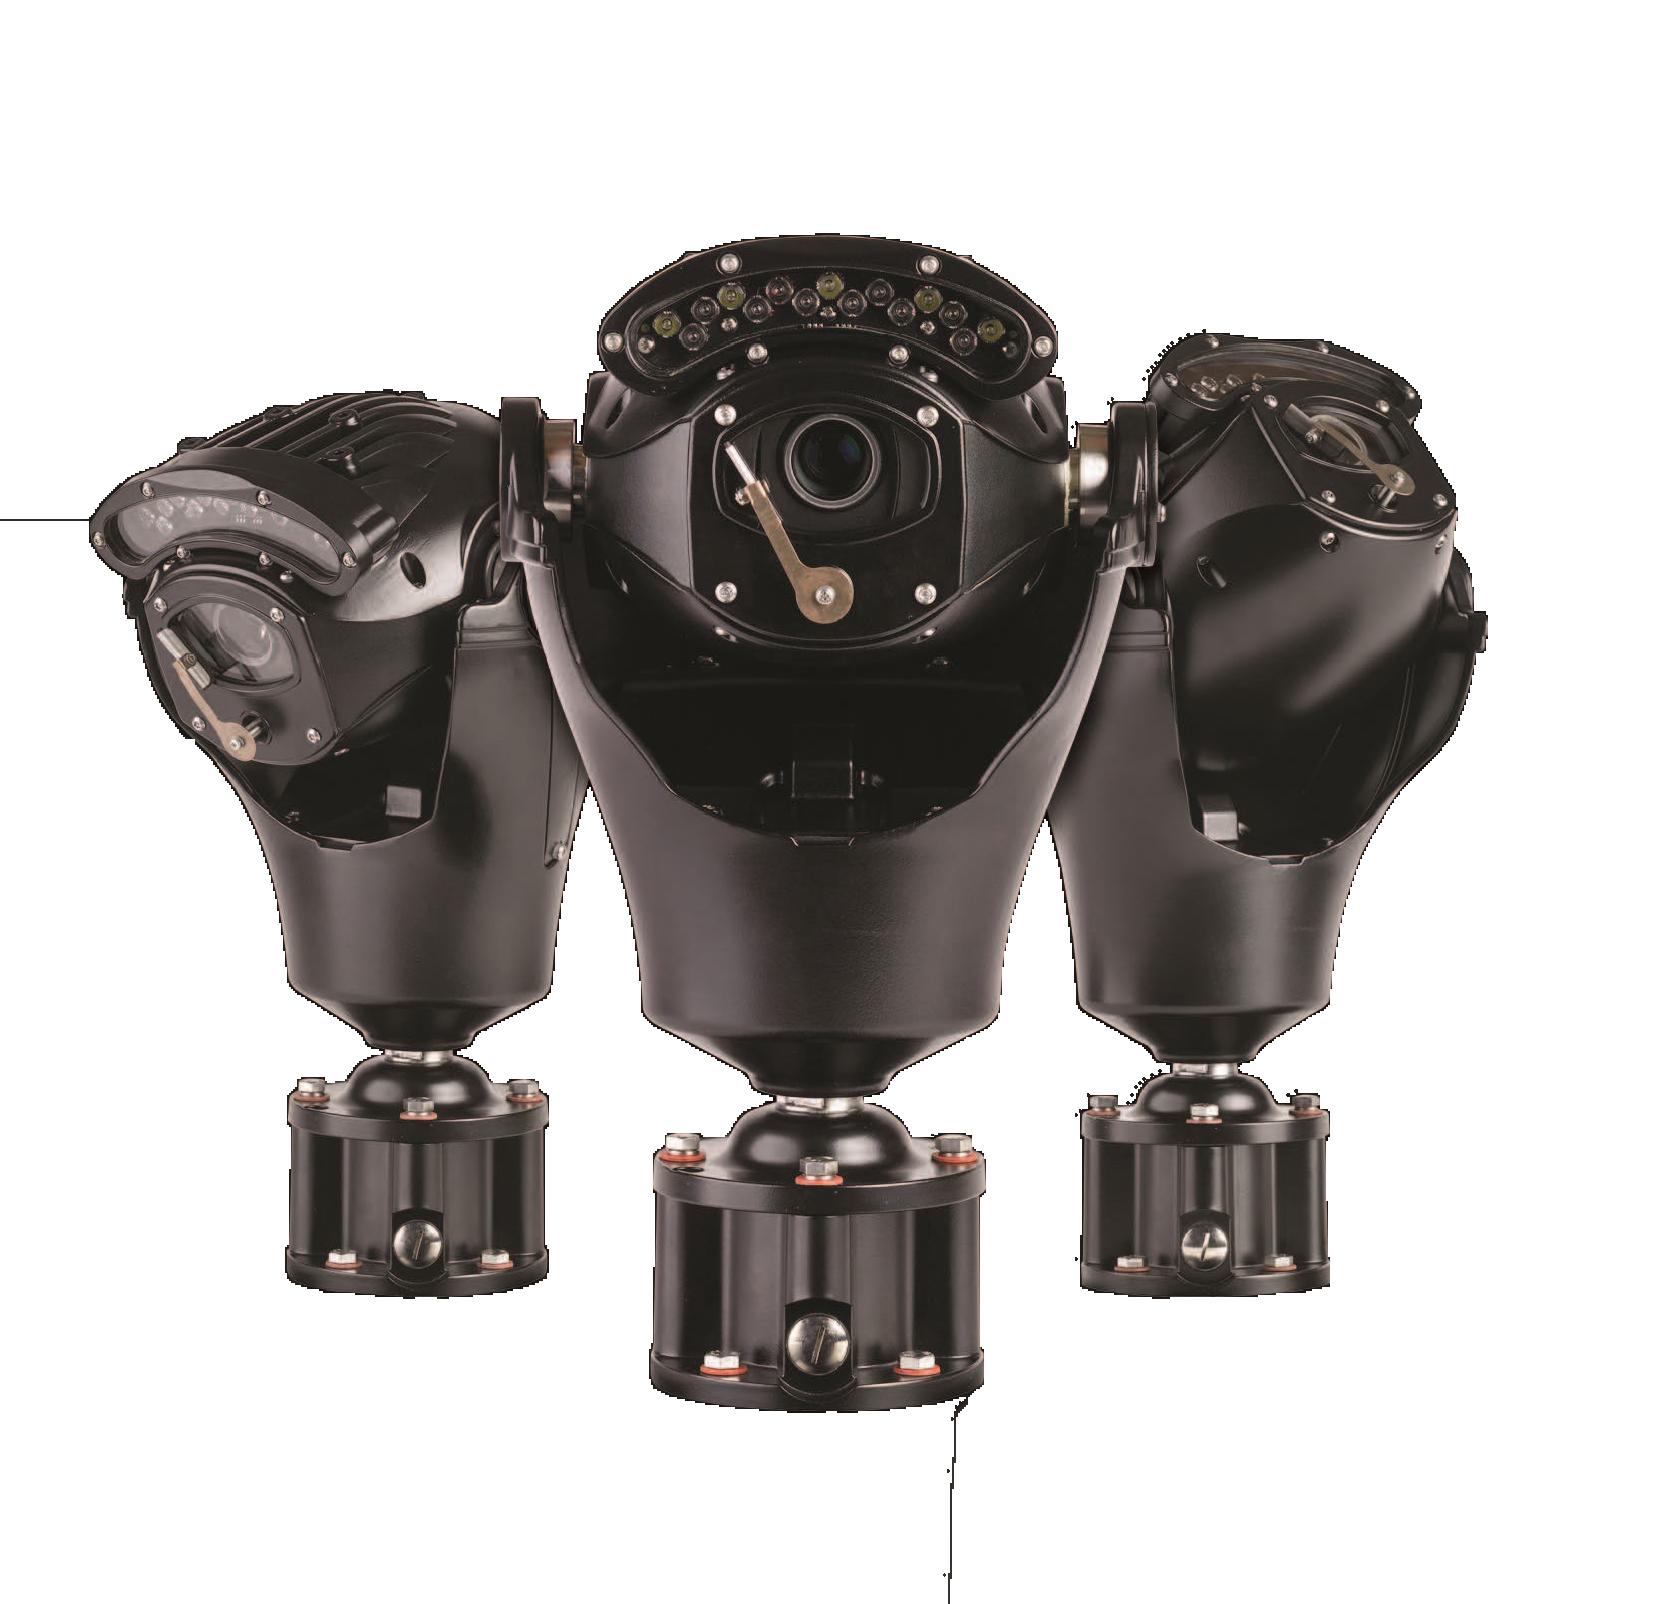 Visuel de la gamme de caméra de surveillance INVICTUS produites en Grande-Bretagne par la marque 360 vision technology et distribuées par SIPPRO - Solutions IP Protection